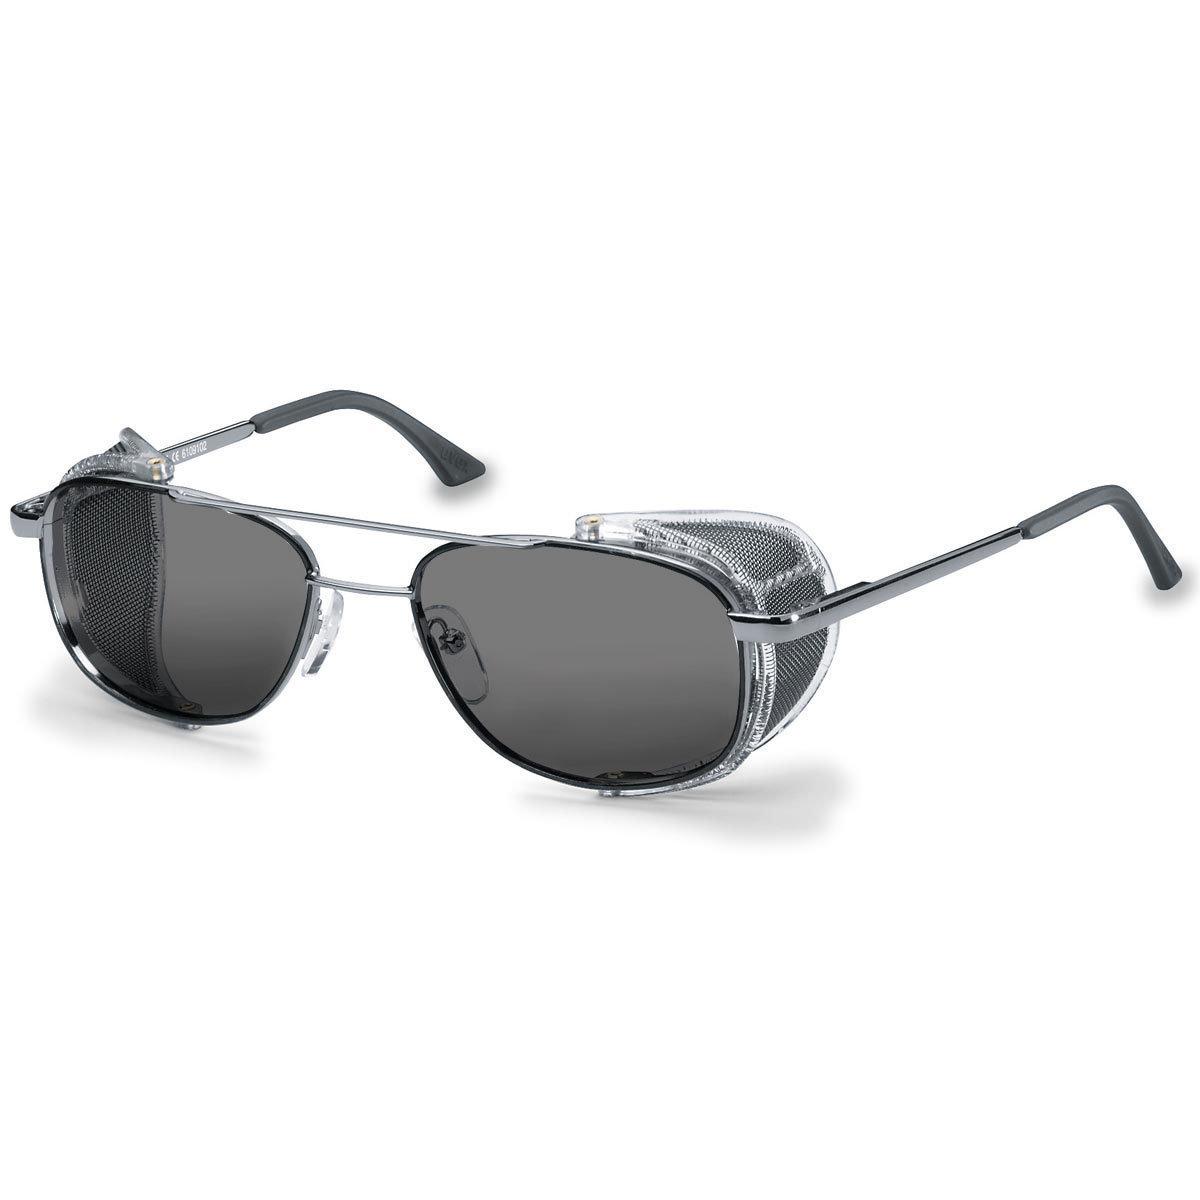 Uvex Korrektionsschutzbrille RX 5101 - grau getönt